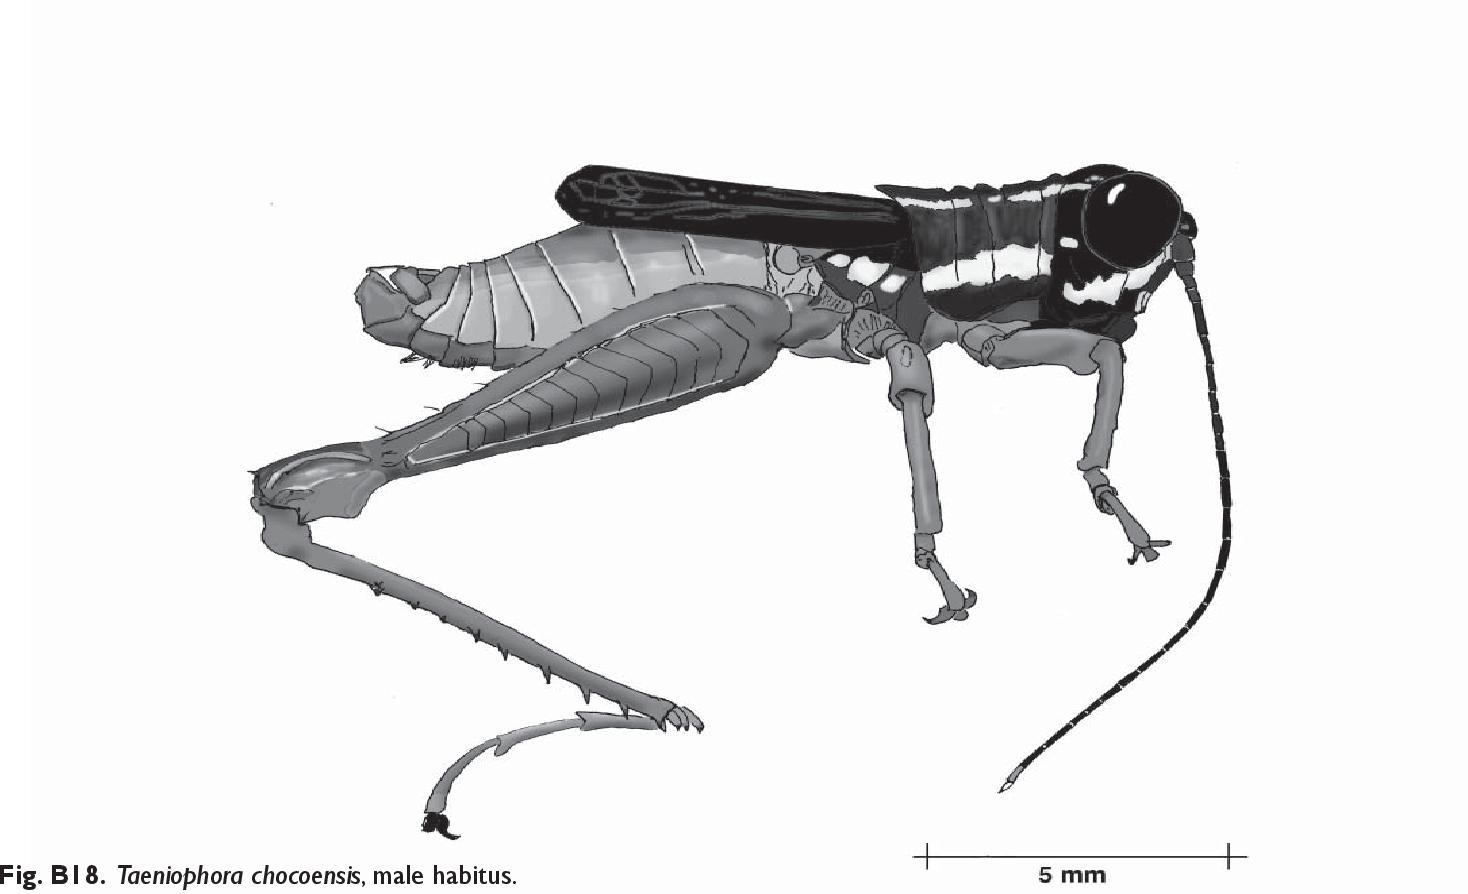 figure B18